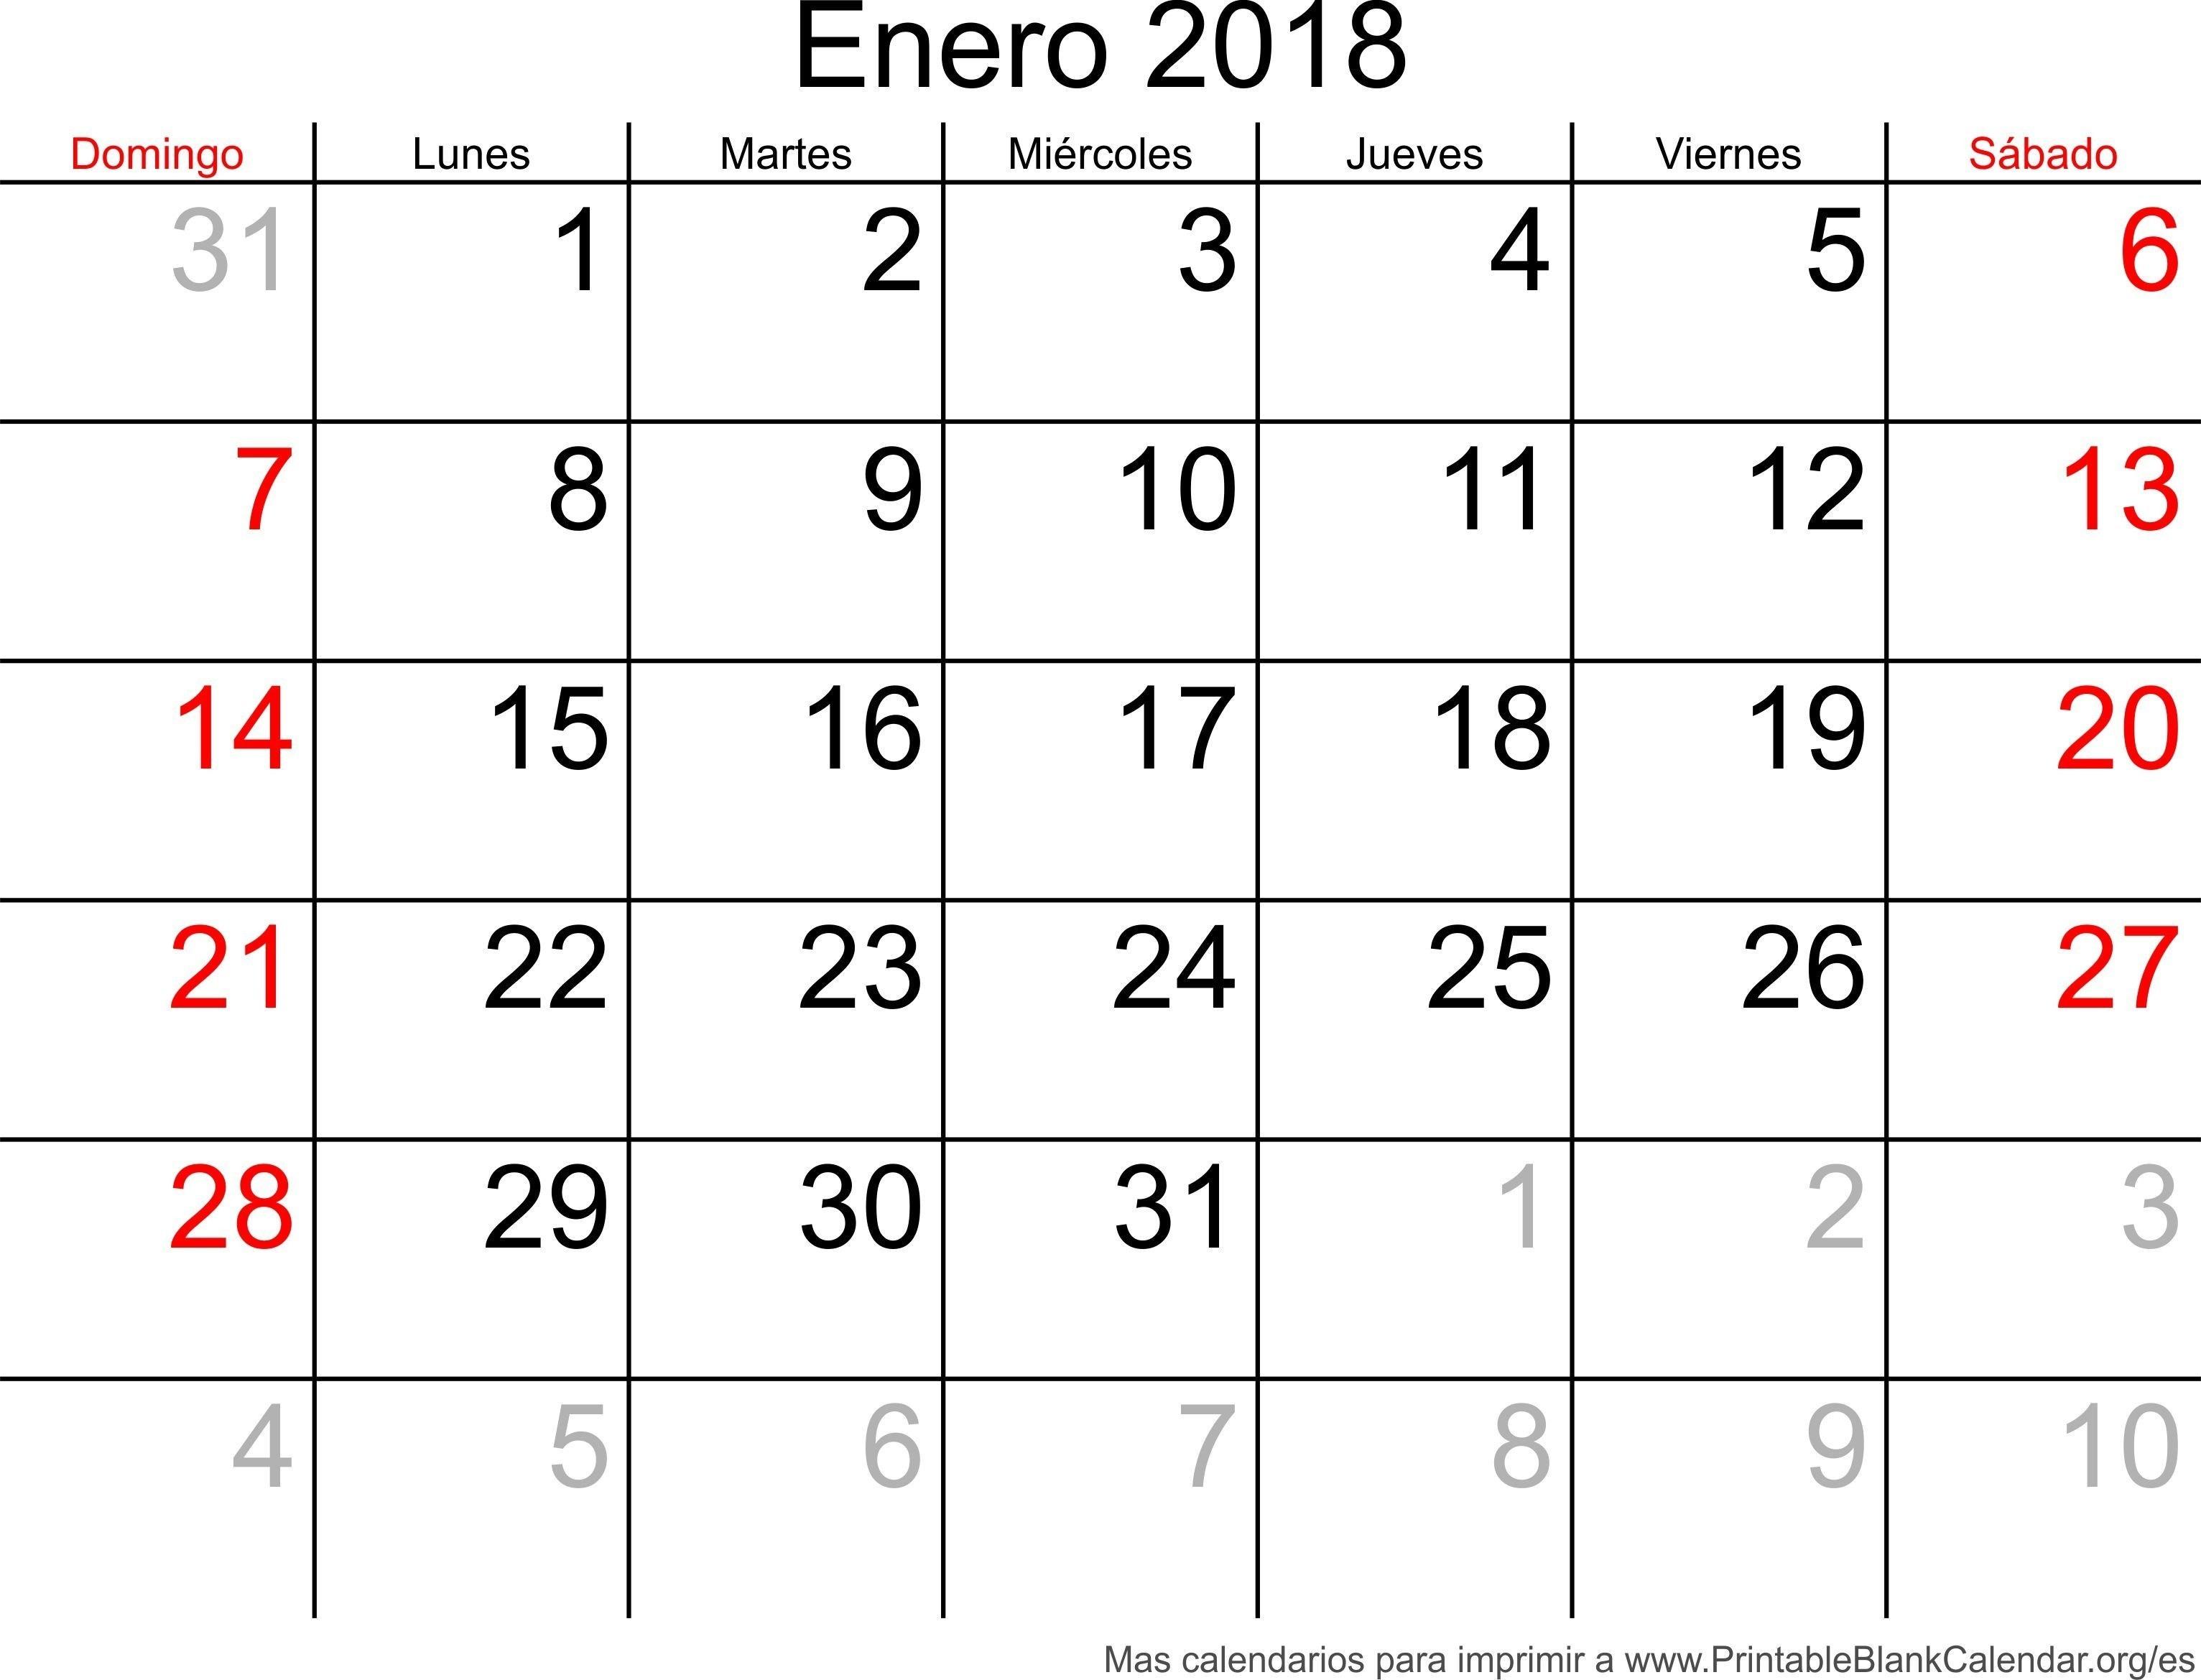 Calendario 2019 Feriados En Chile Más Reciente Calendario Mes Noviembre Of Calendario 2019 Feriados En Chile Más Arriba-a-fecha Calendario 2016 Para Imprimir Puerto Rico Calendar